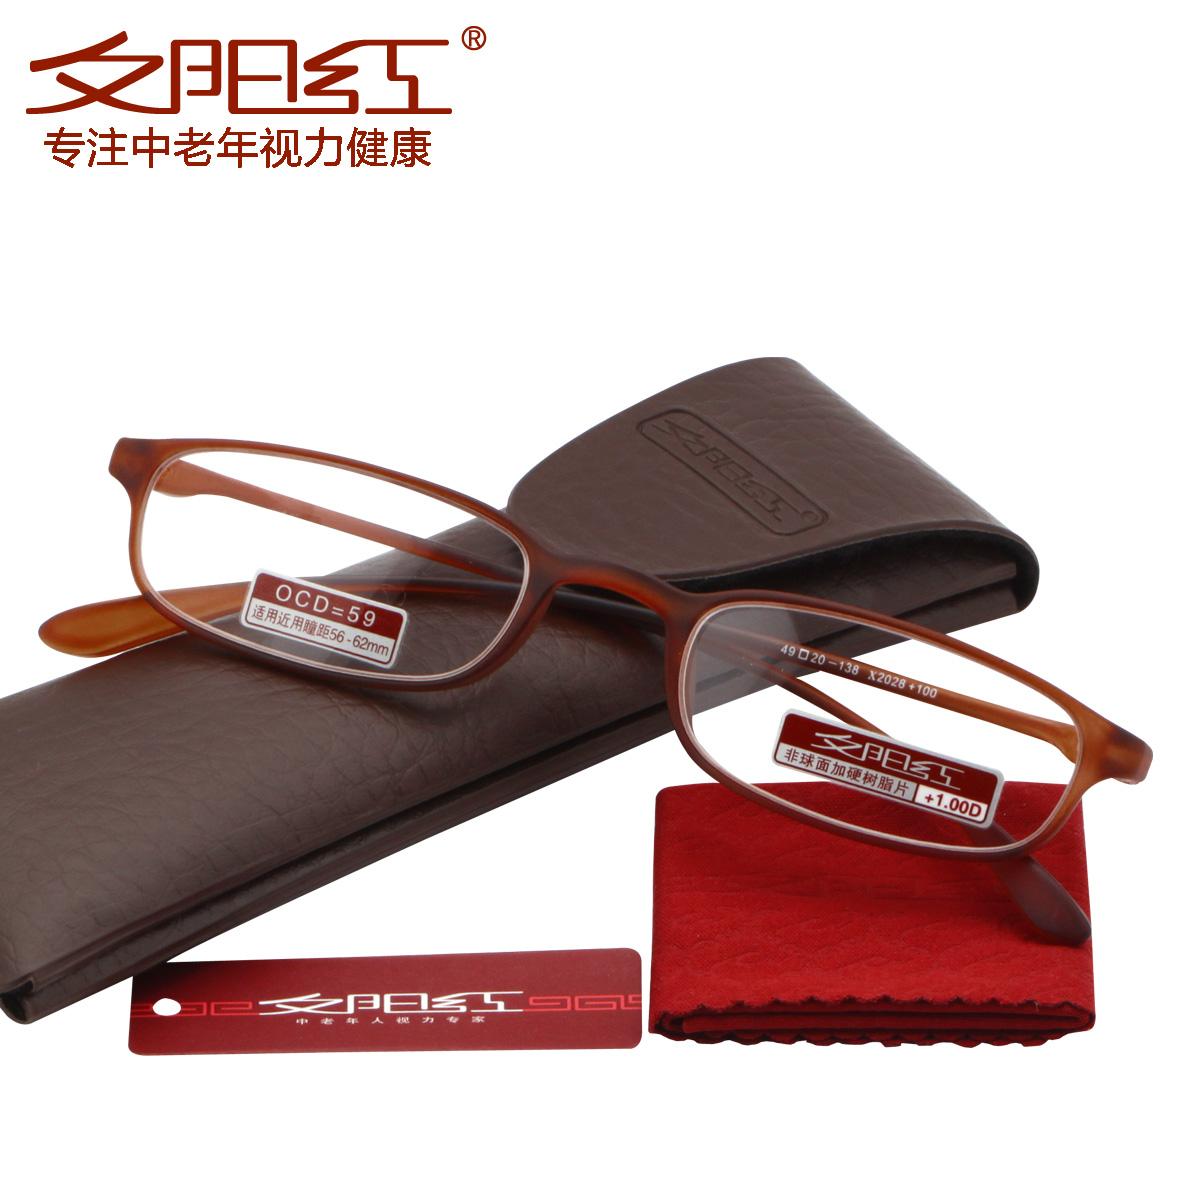 夕阳红老花镜女时尚超轻品牌树脂正品男式防疲劳老人老光远视眼镜